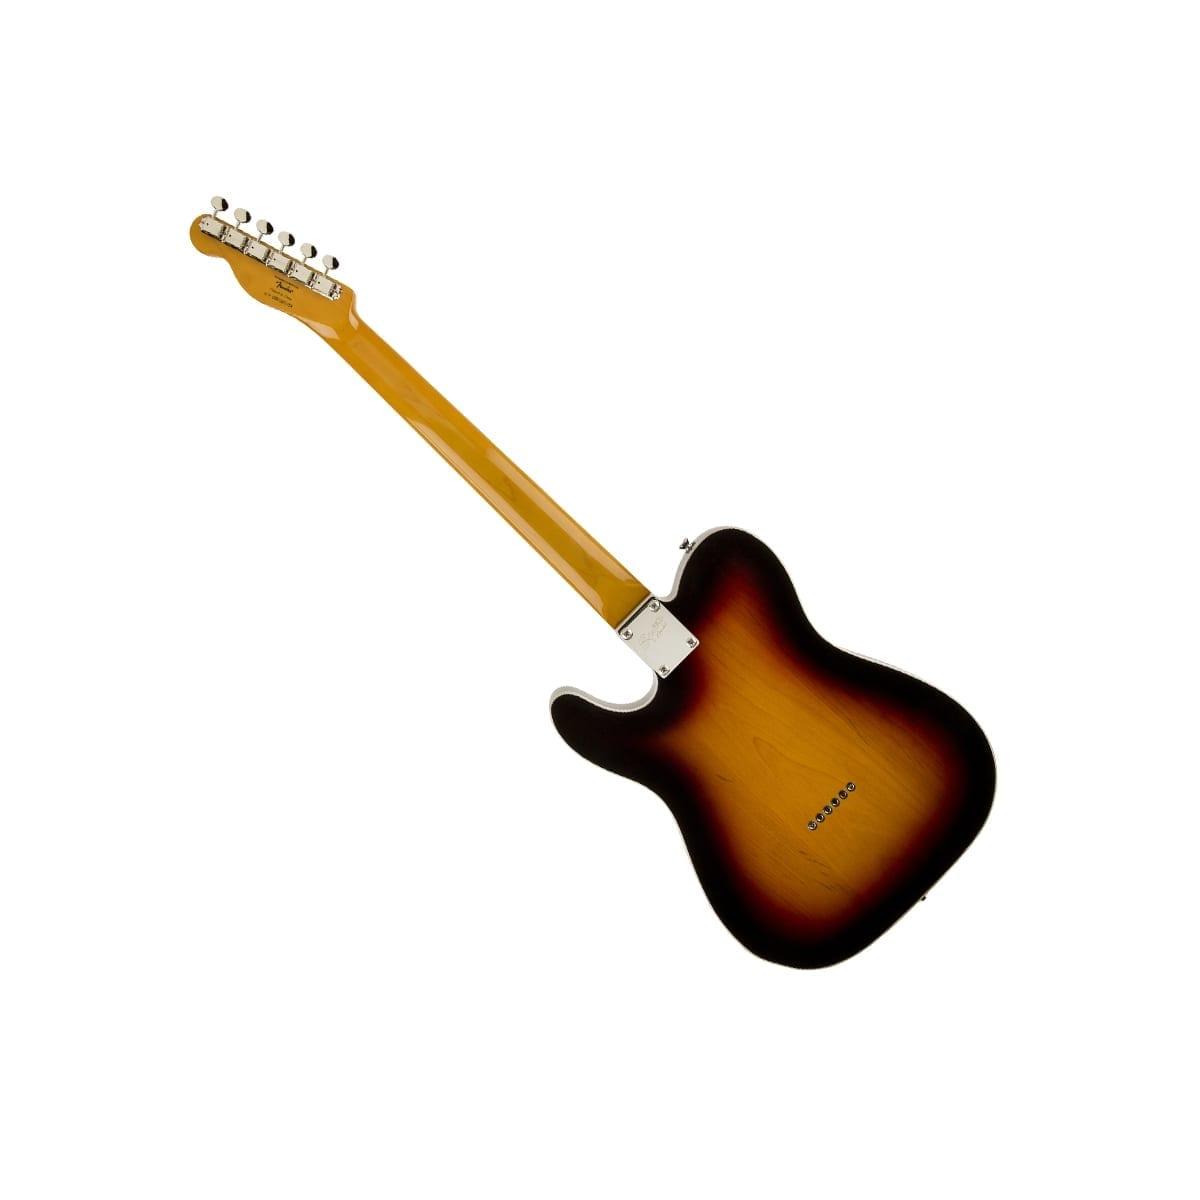 Fender Squier Classic Vibe Telecaster Custom - 3 Tone Sunburst